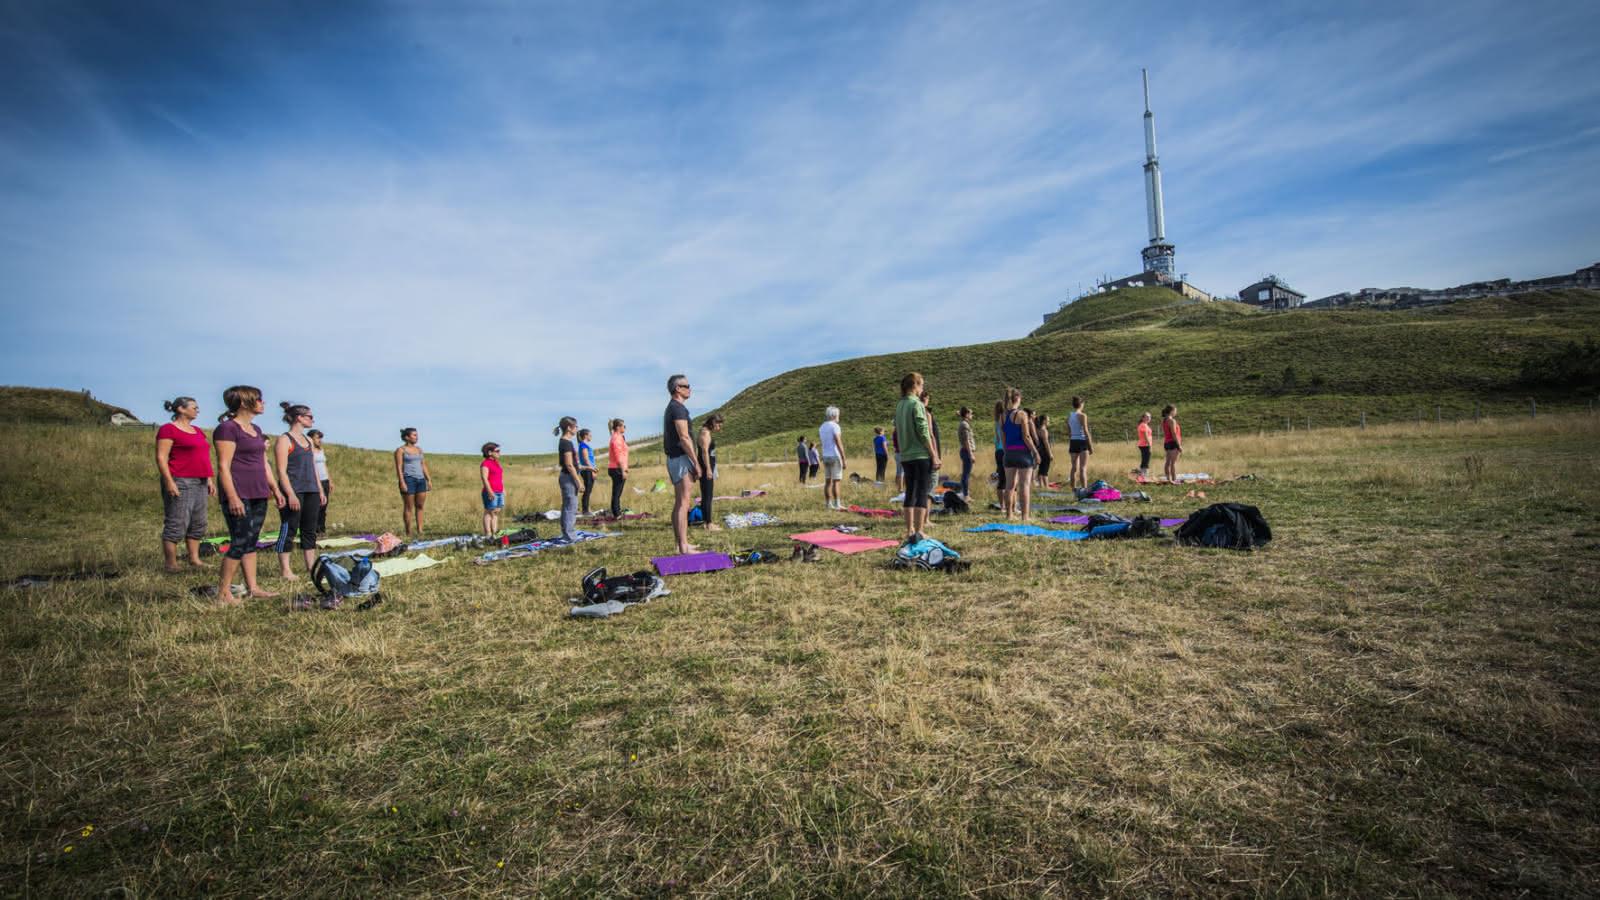 séances de yoga au sommet du puy de Dôme